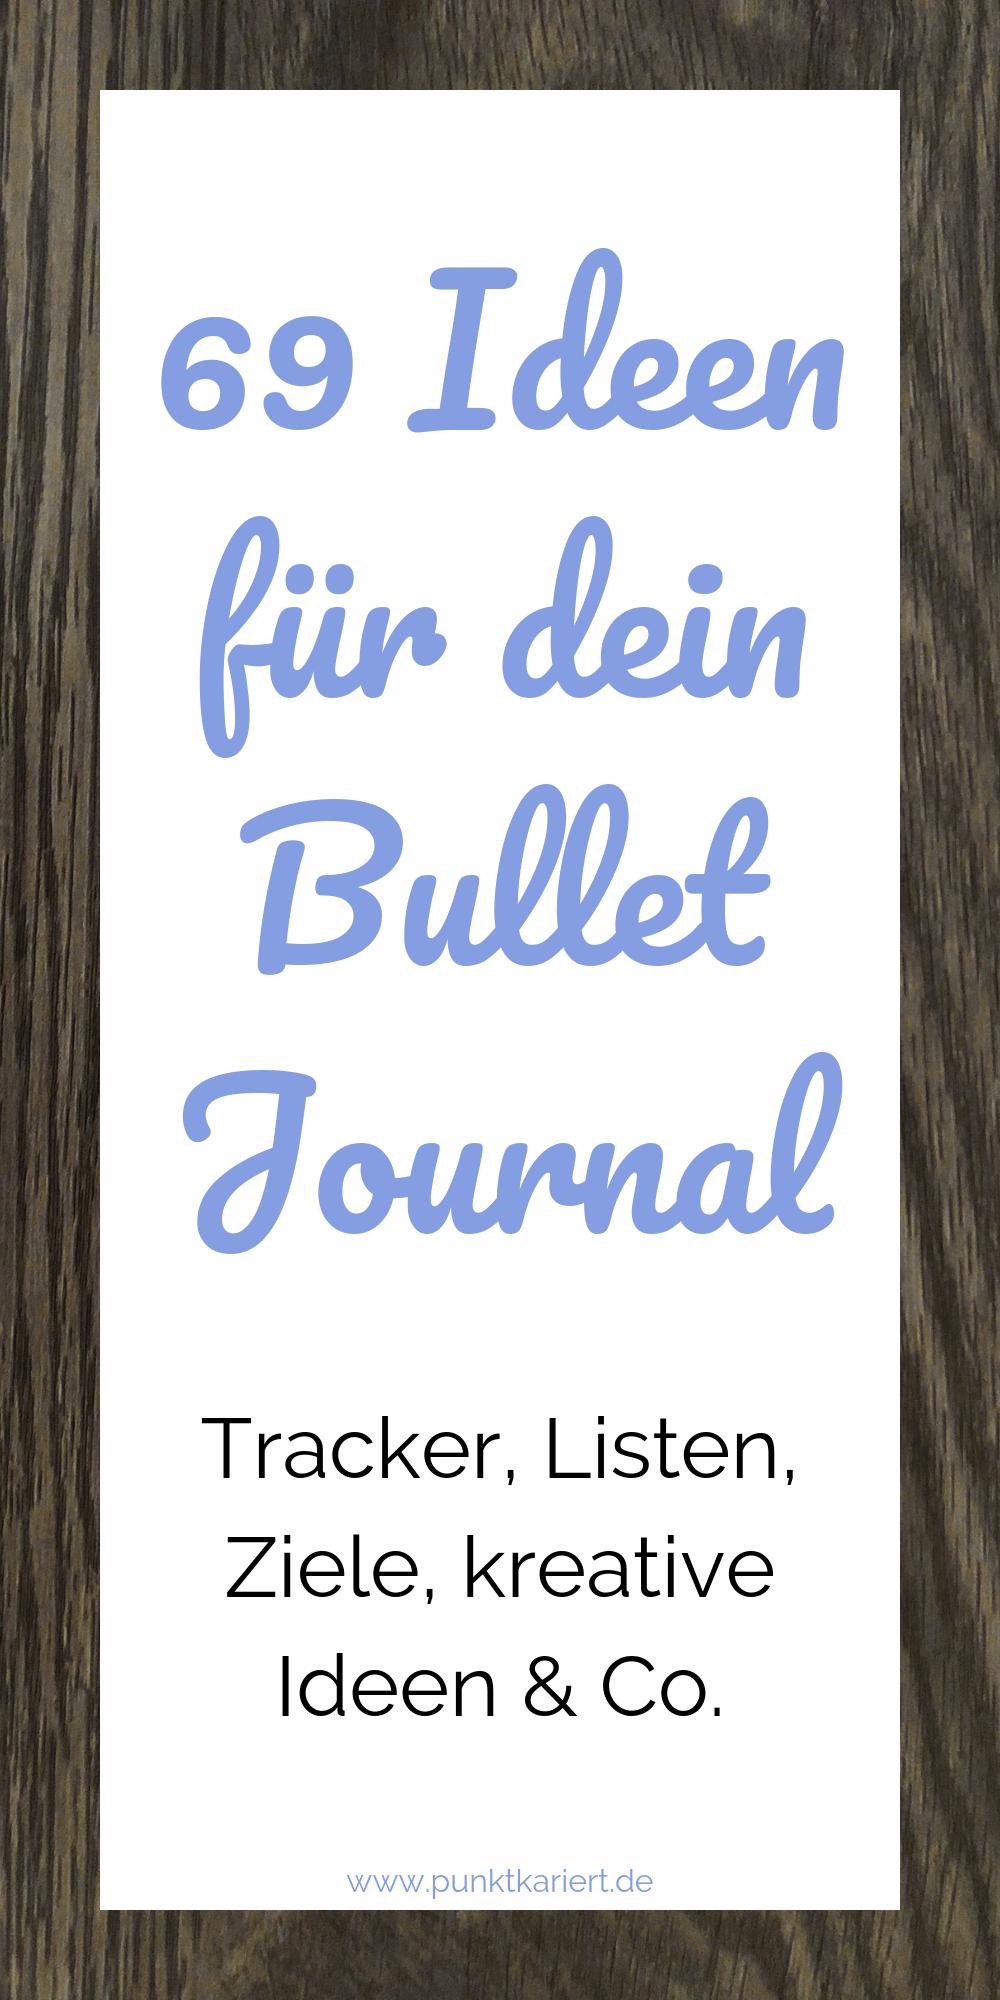 69 Bullet Journal Ideen, die dein Bullet Journal verschönern und effektiver machen! #bulletjournal